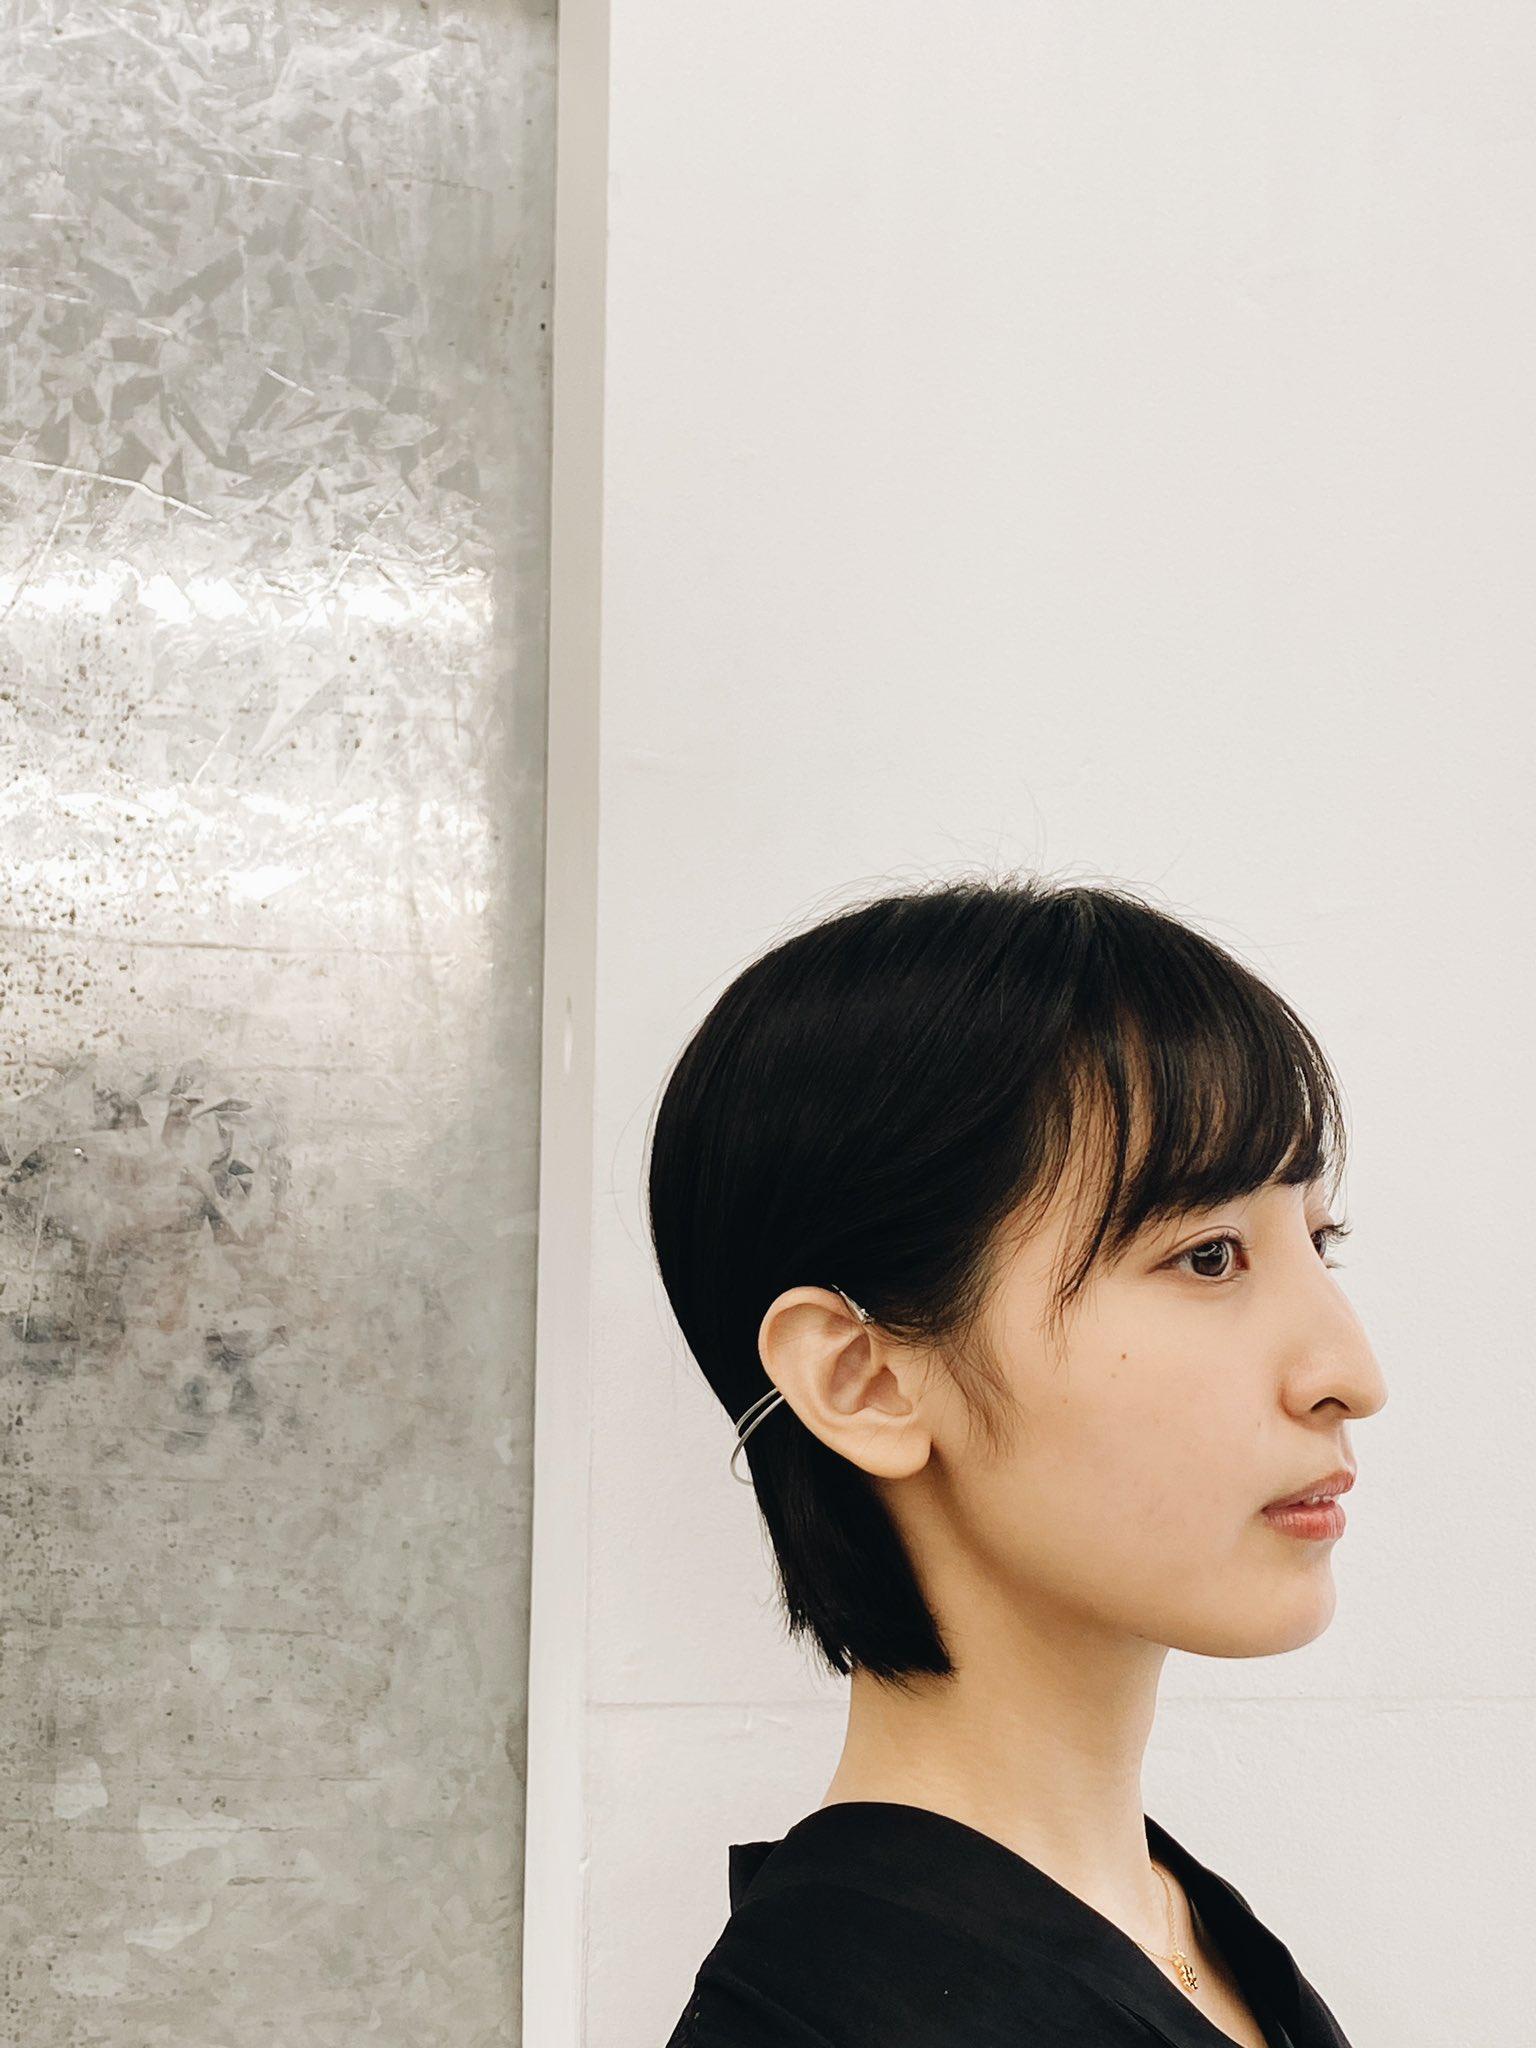 ブラインド 藤井ゆきよ 横顔 佐々木琴子 ナンバーワンに関連した画像-03